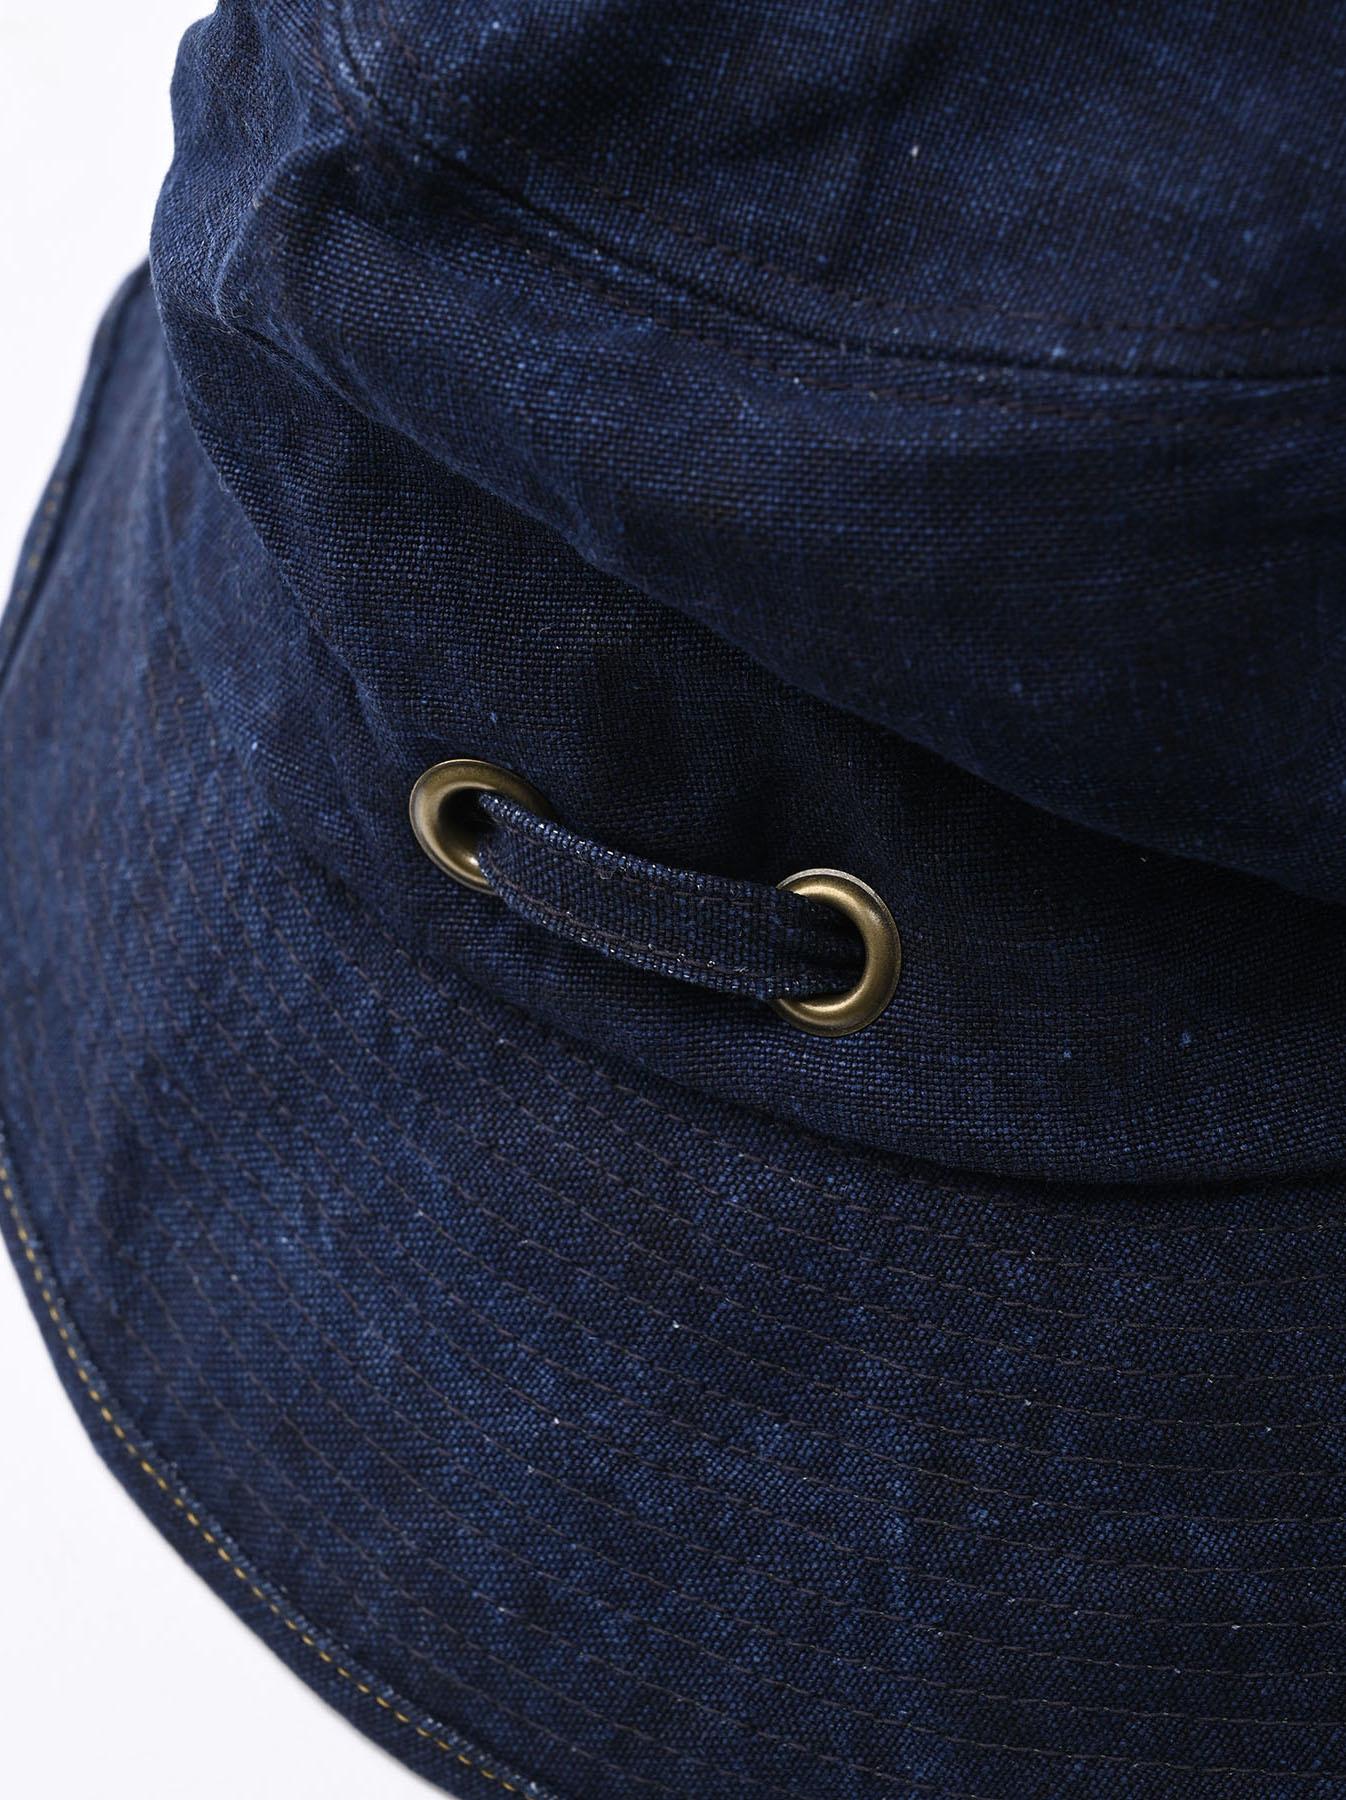 Indigo Linen Duck Sail Hat (0421)-4